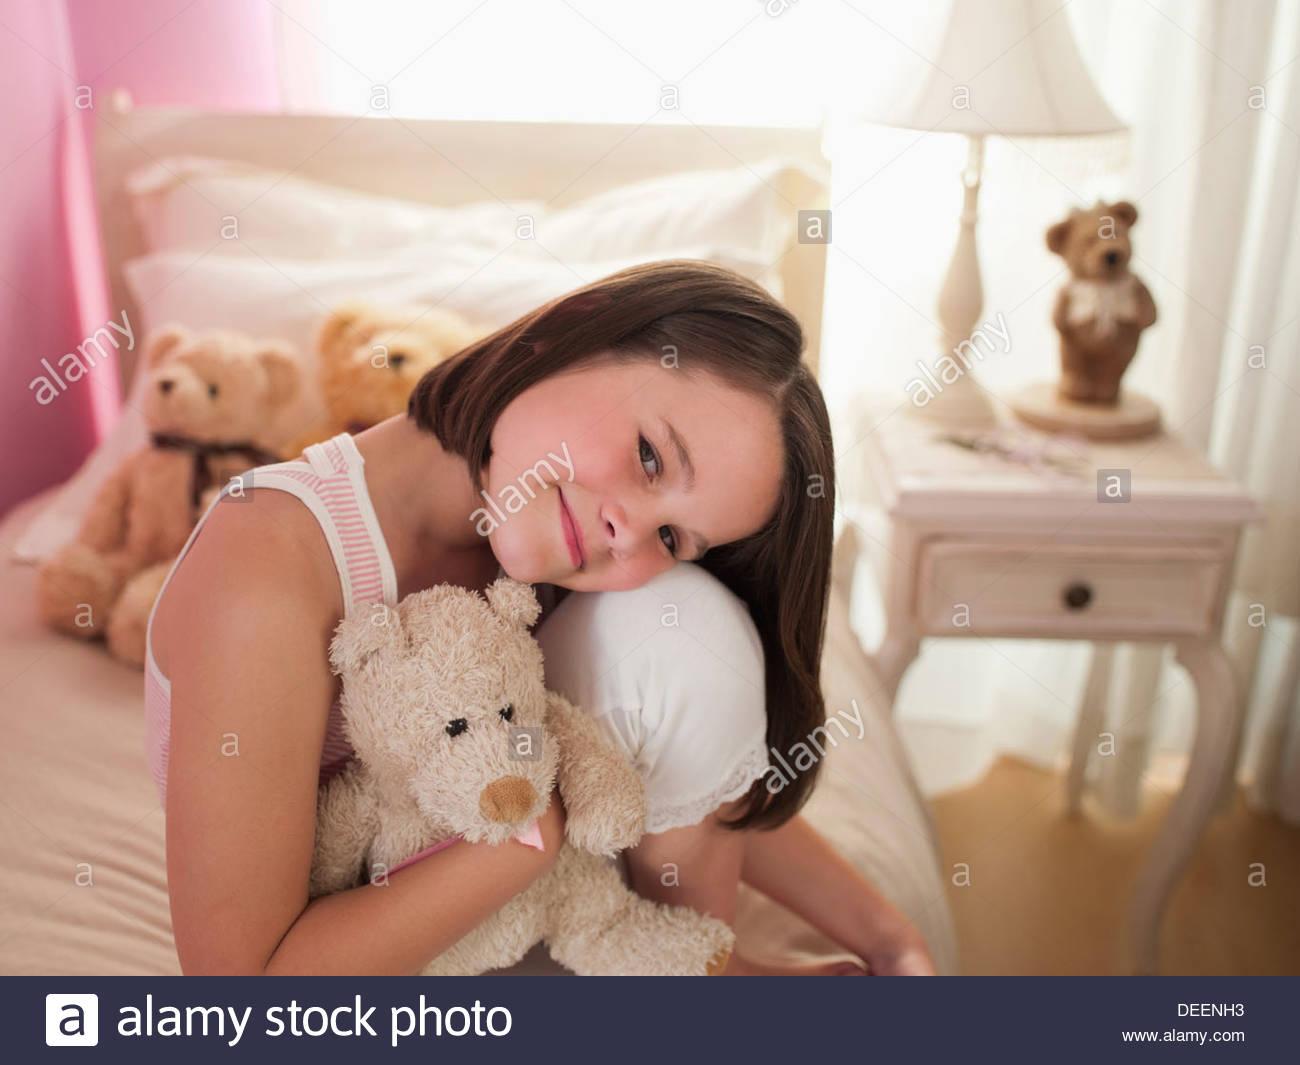 Ragazza abbracciando peluche sul letto Immagini Stock